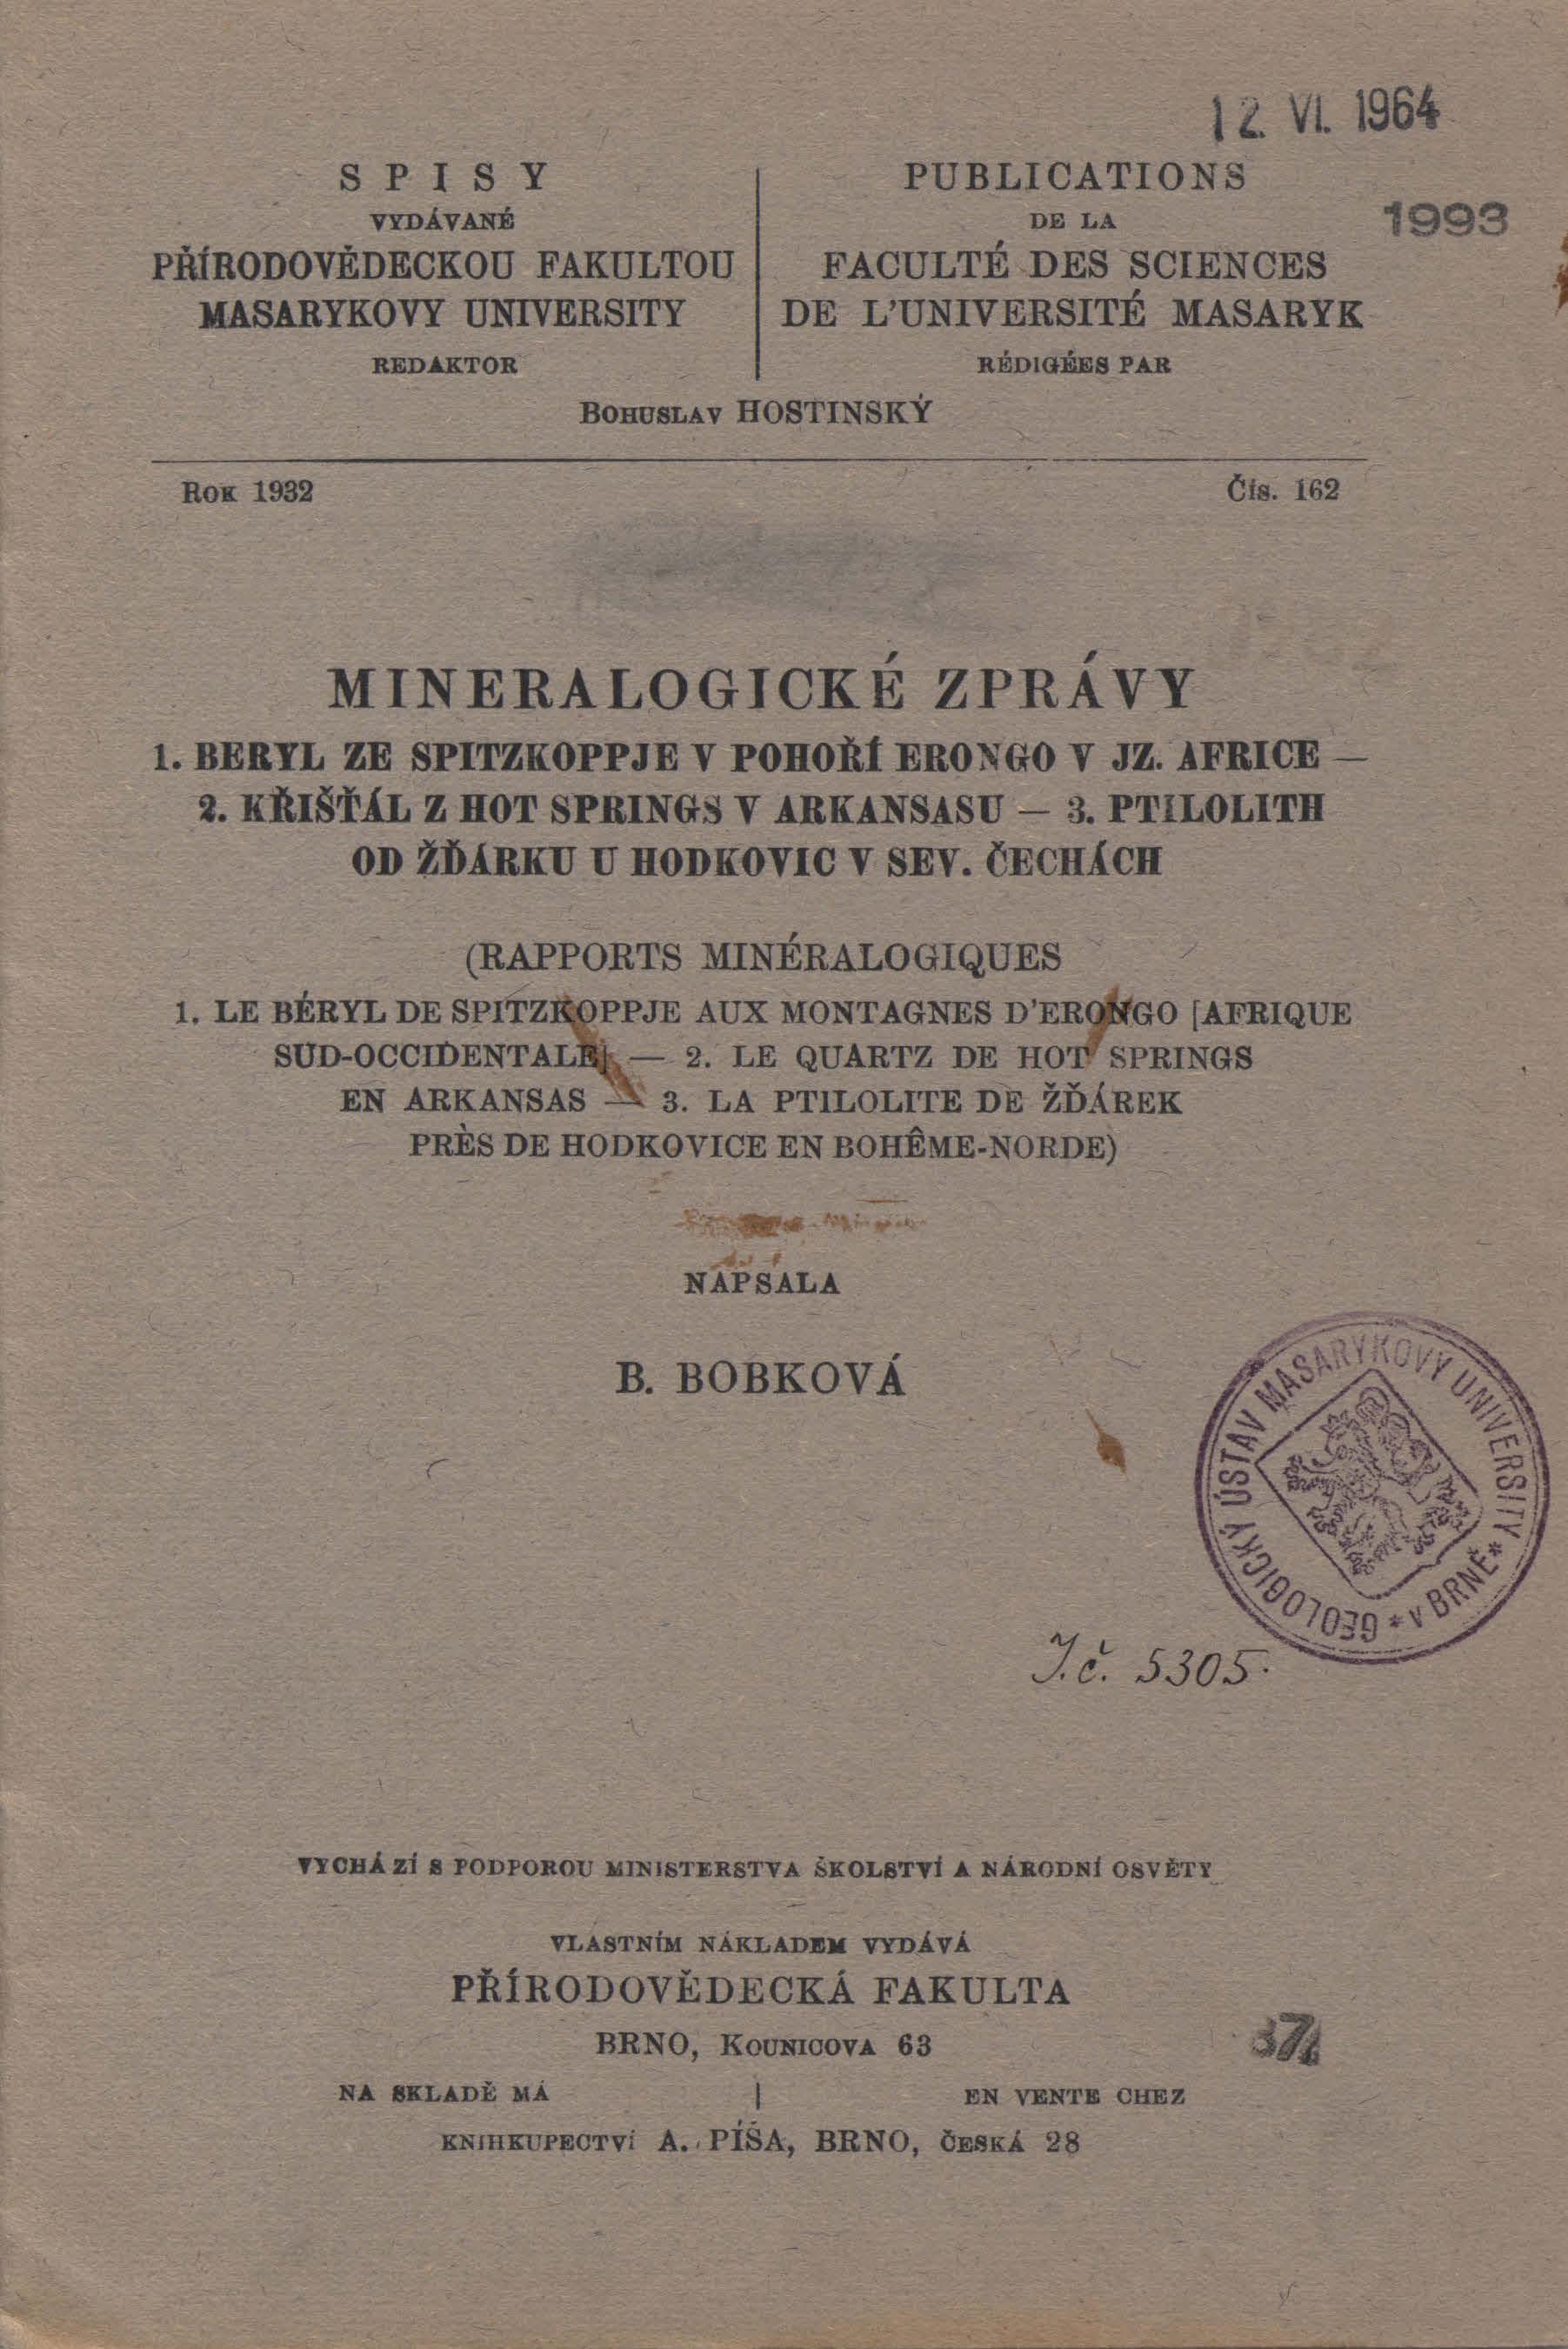 Obálka pro Mineralogické zprávy. 1, Beryl ze Spitzkoppje v pohoří Erongo v jz. Africe. 2, Křišťál z Hot Springs v Arkansasu. 3, Ptilolith od Žďárku u Hodkovic v sev. Čechách